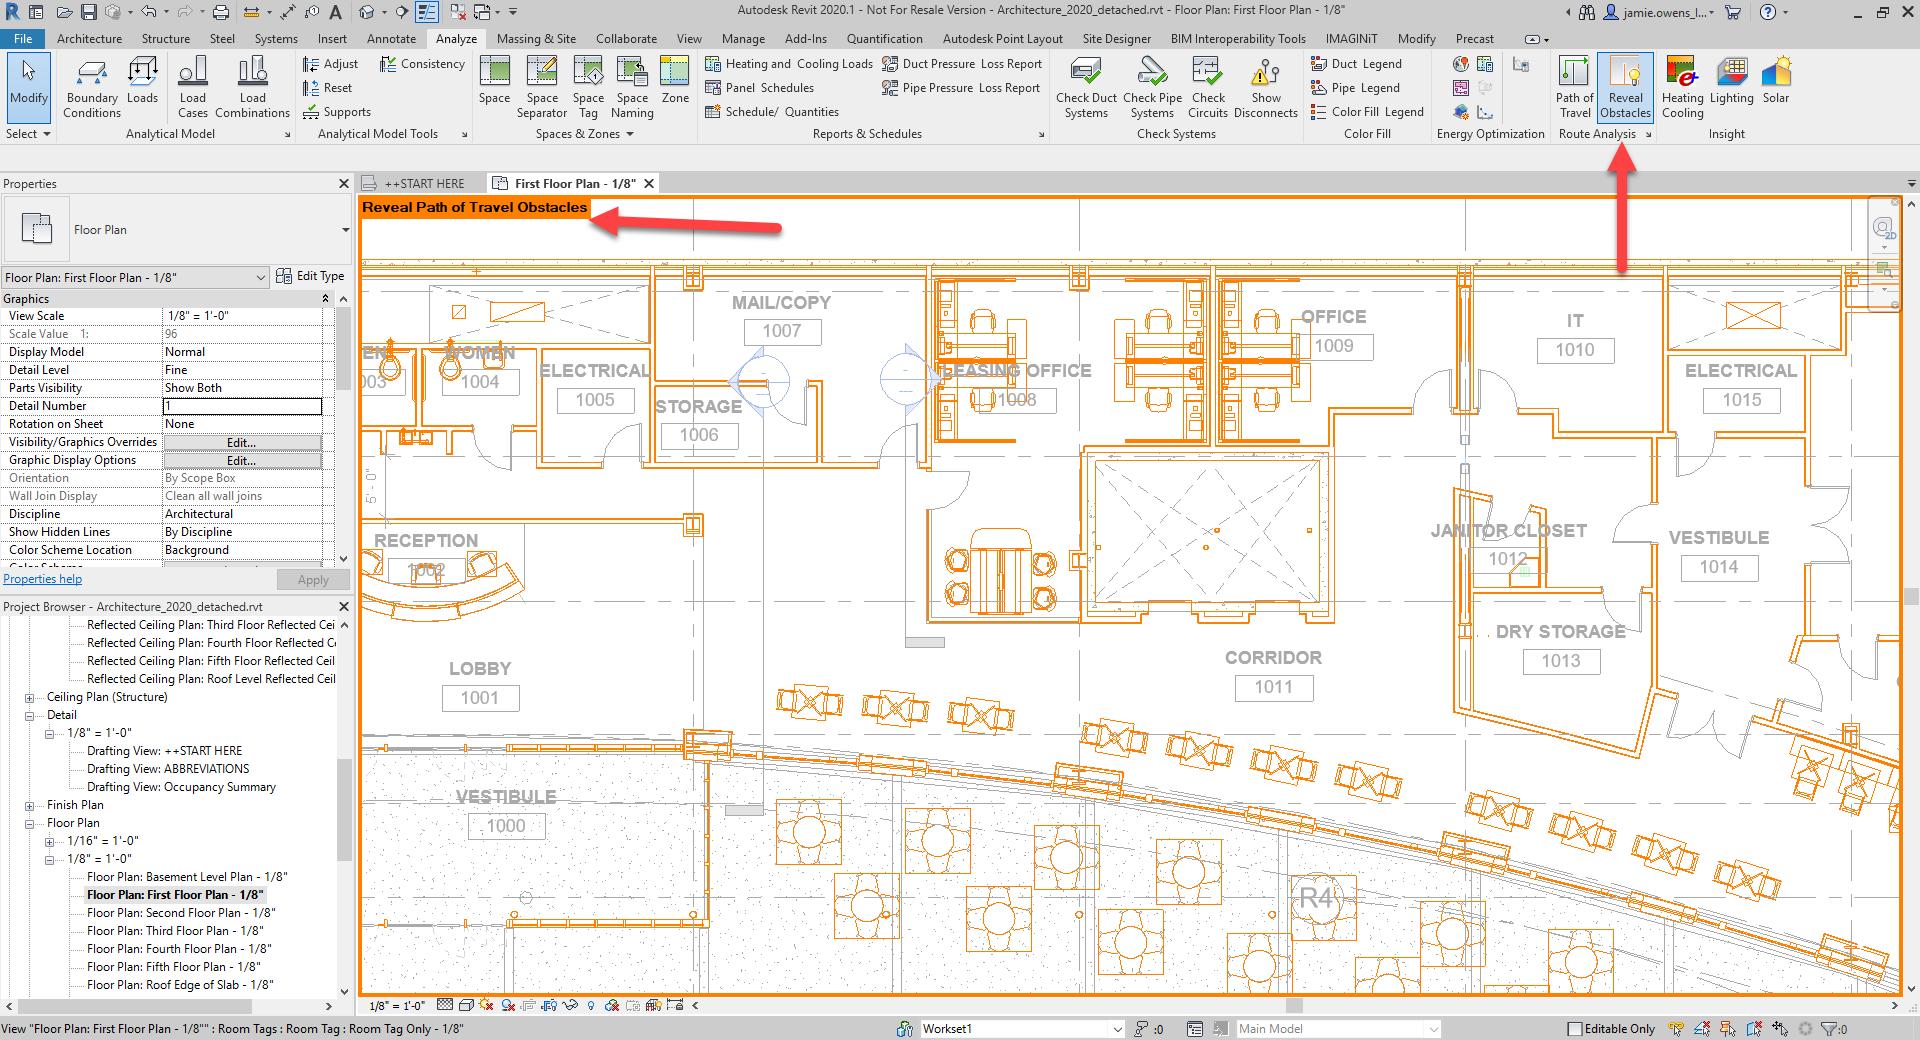 IMAGINiT Building Solutions Blog: Revit